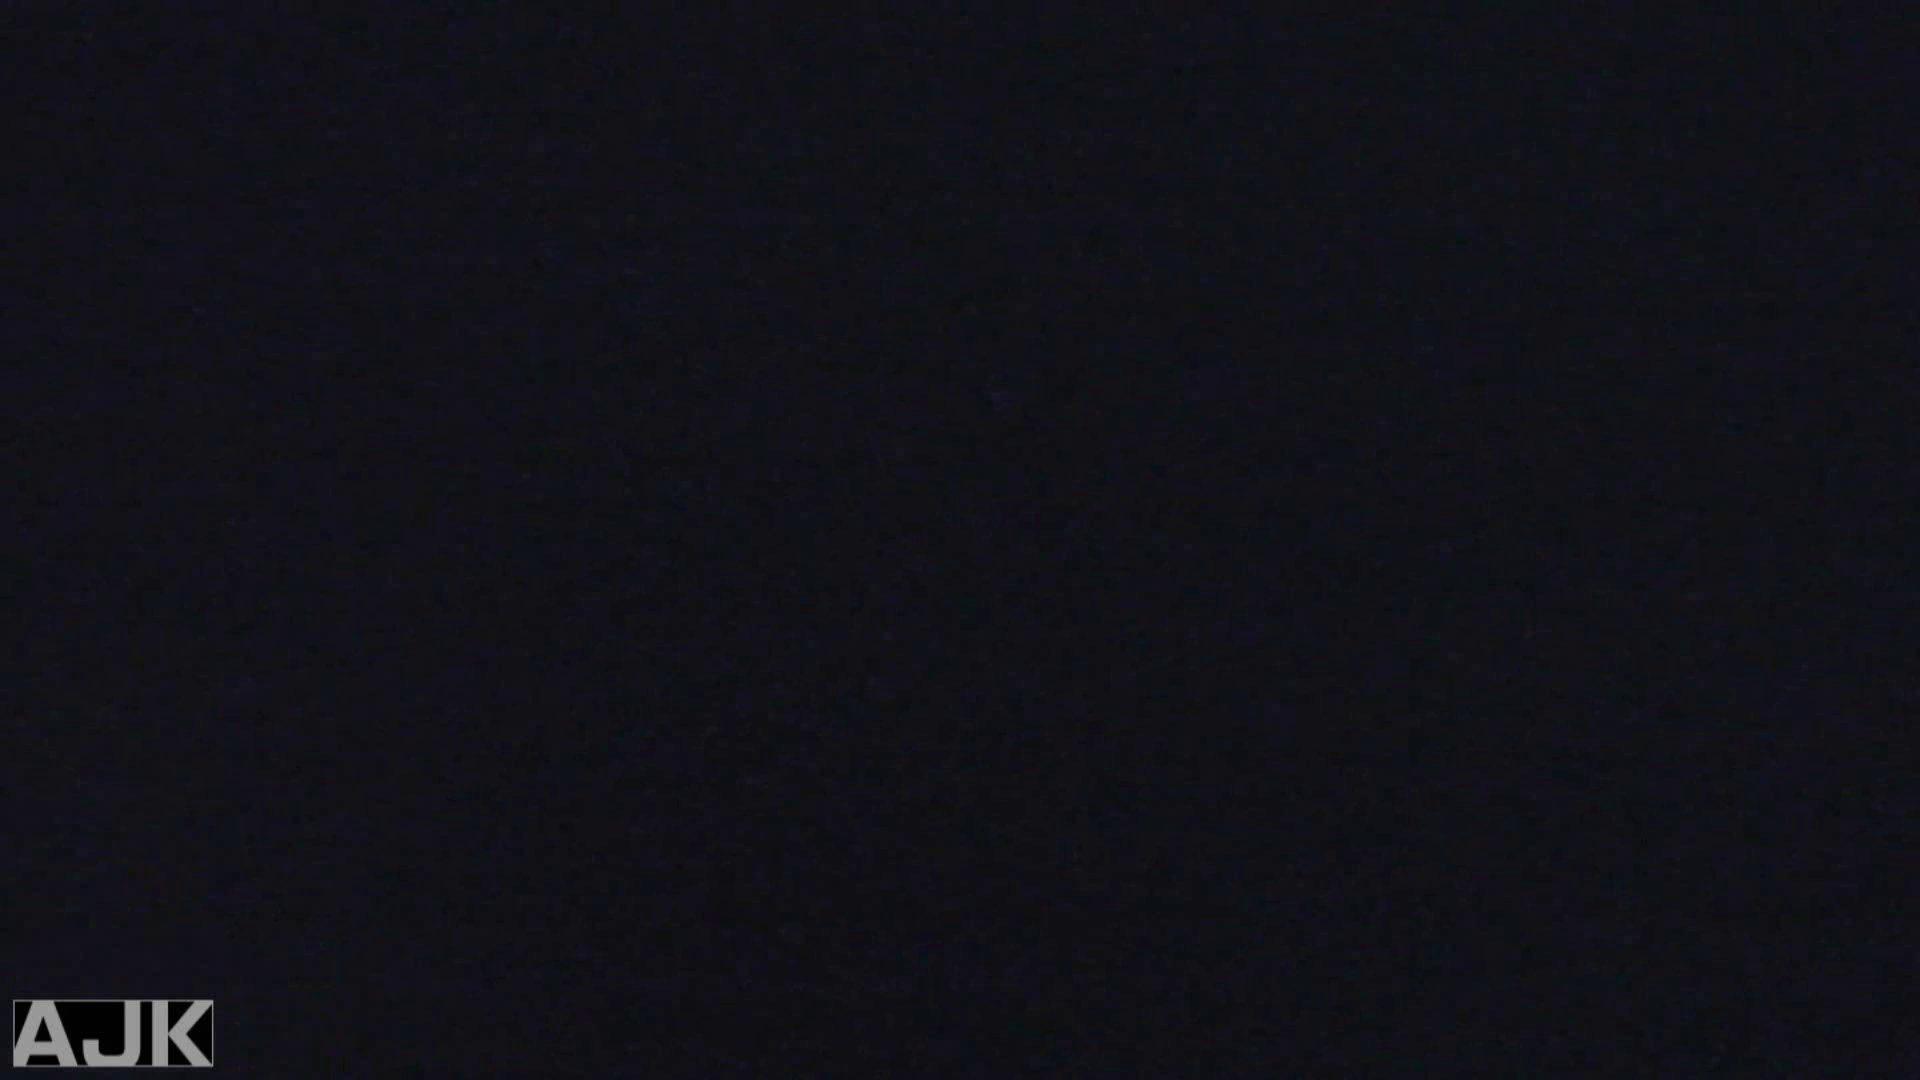 神降臨!史上最強の潜入かわや! vol.22 肛門編 戯れ無修正画像 112PIX 53